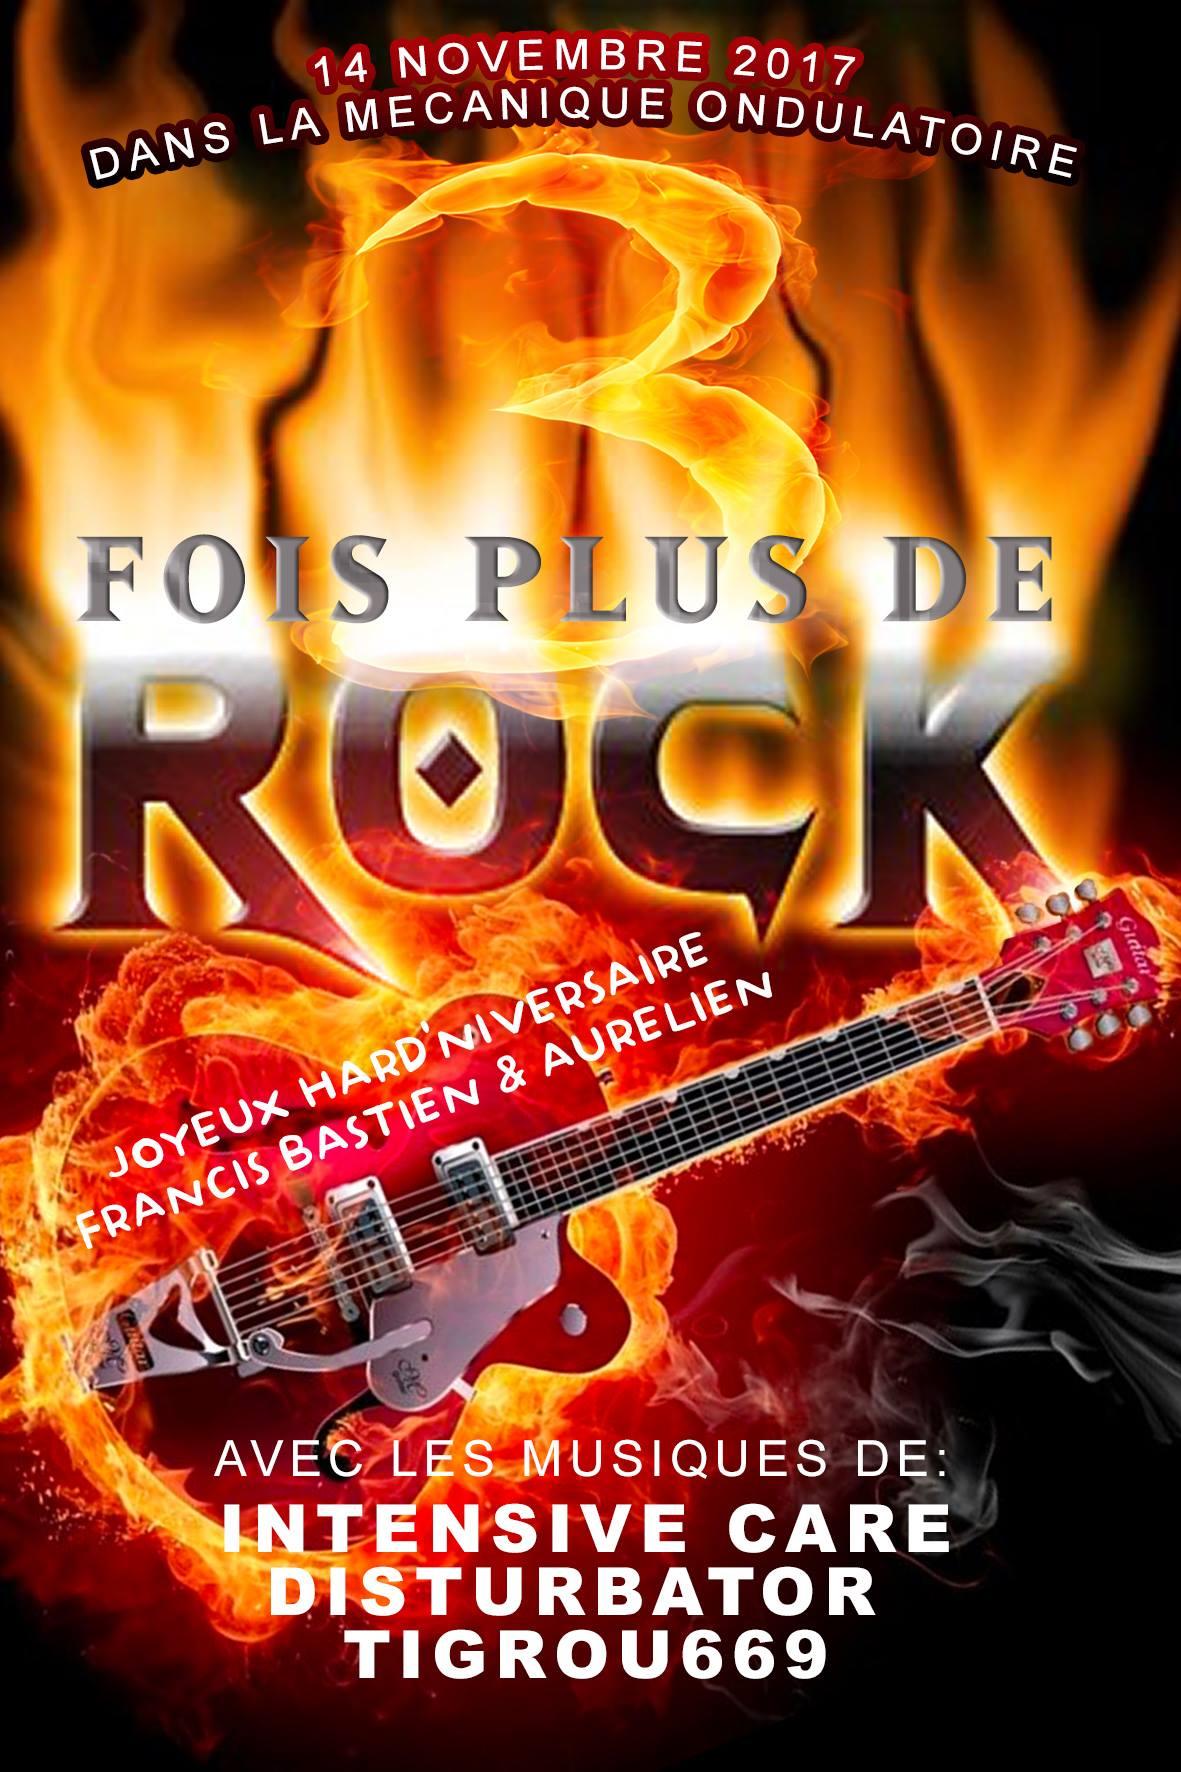 3 FOIS PLUS DE ROKC // 14.11